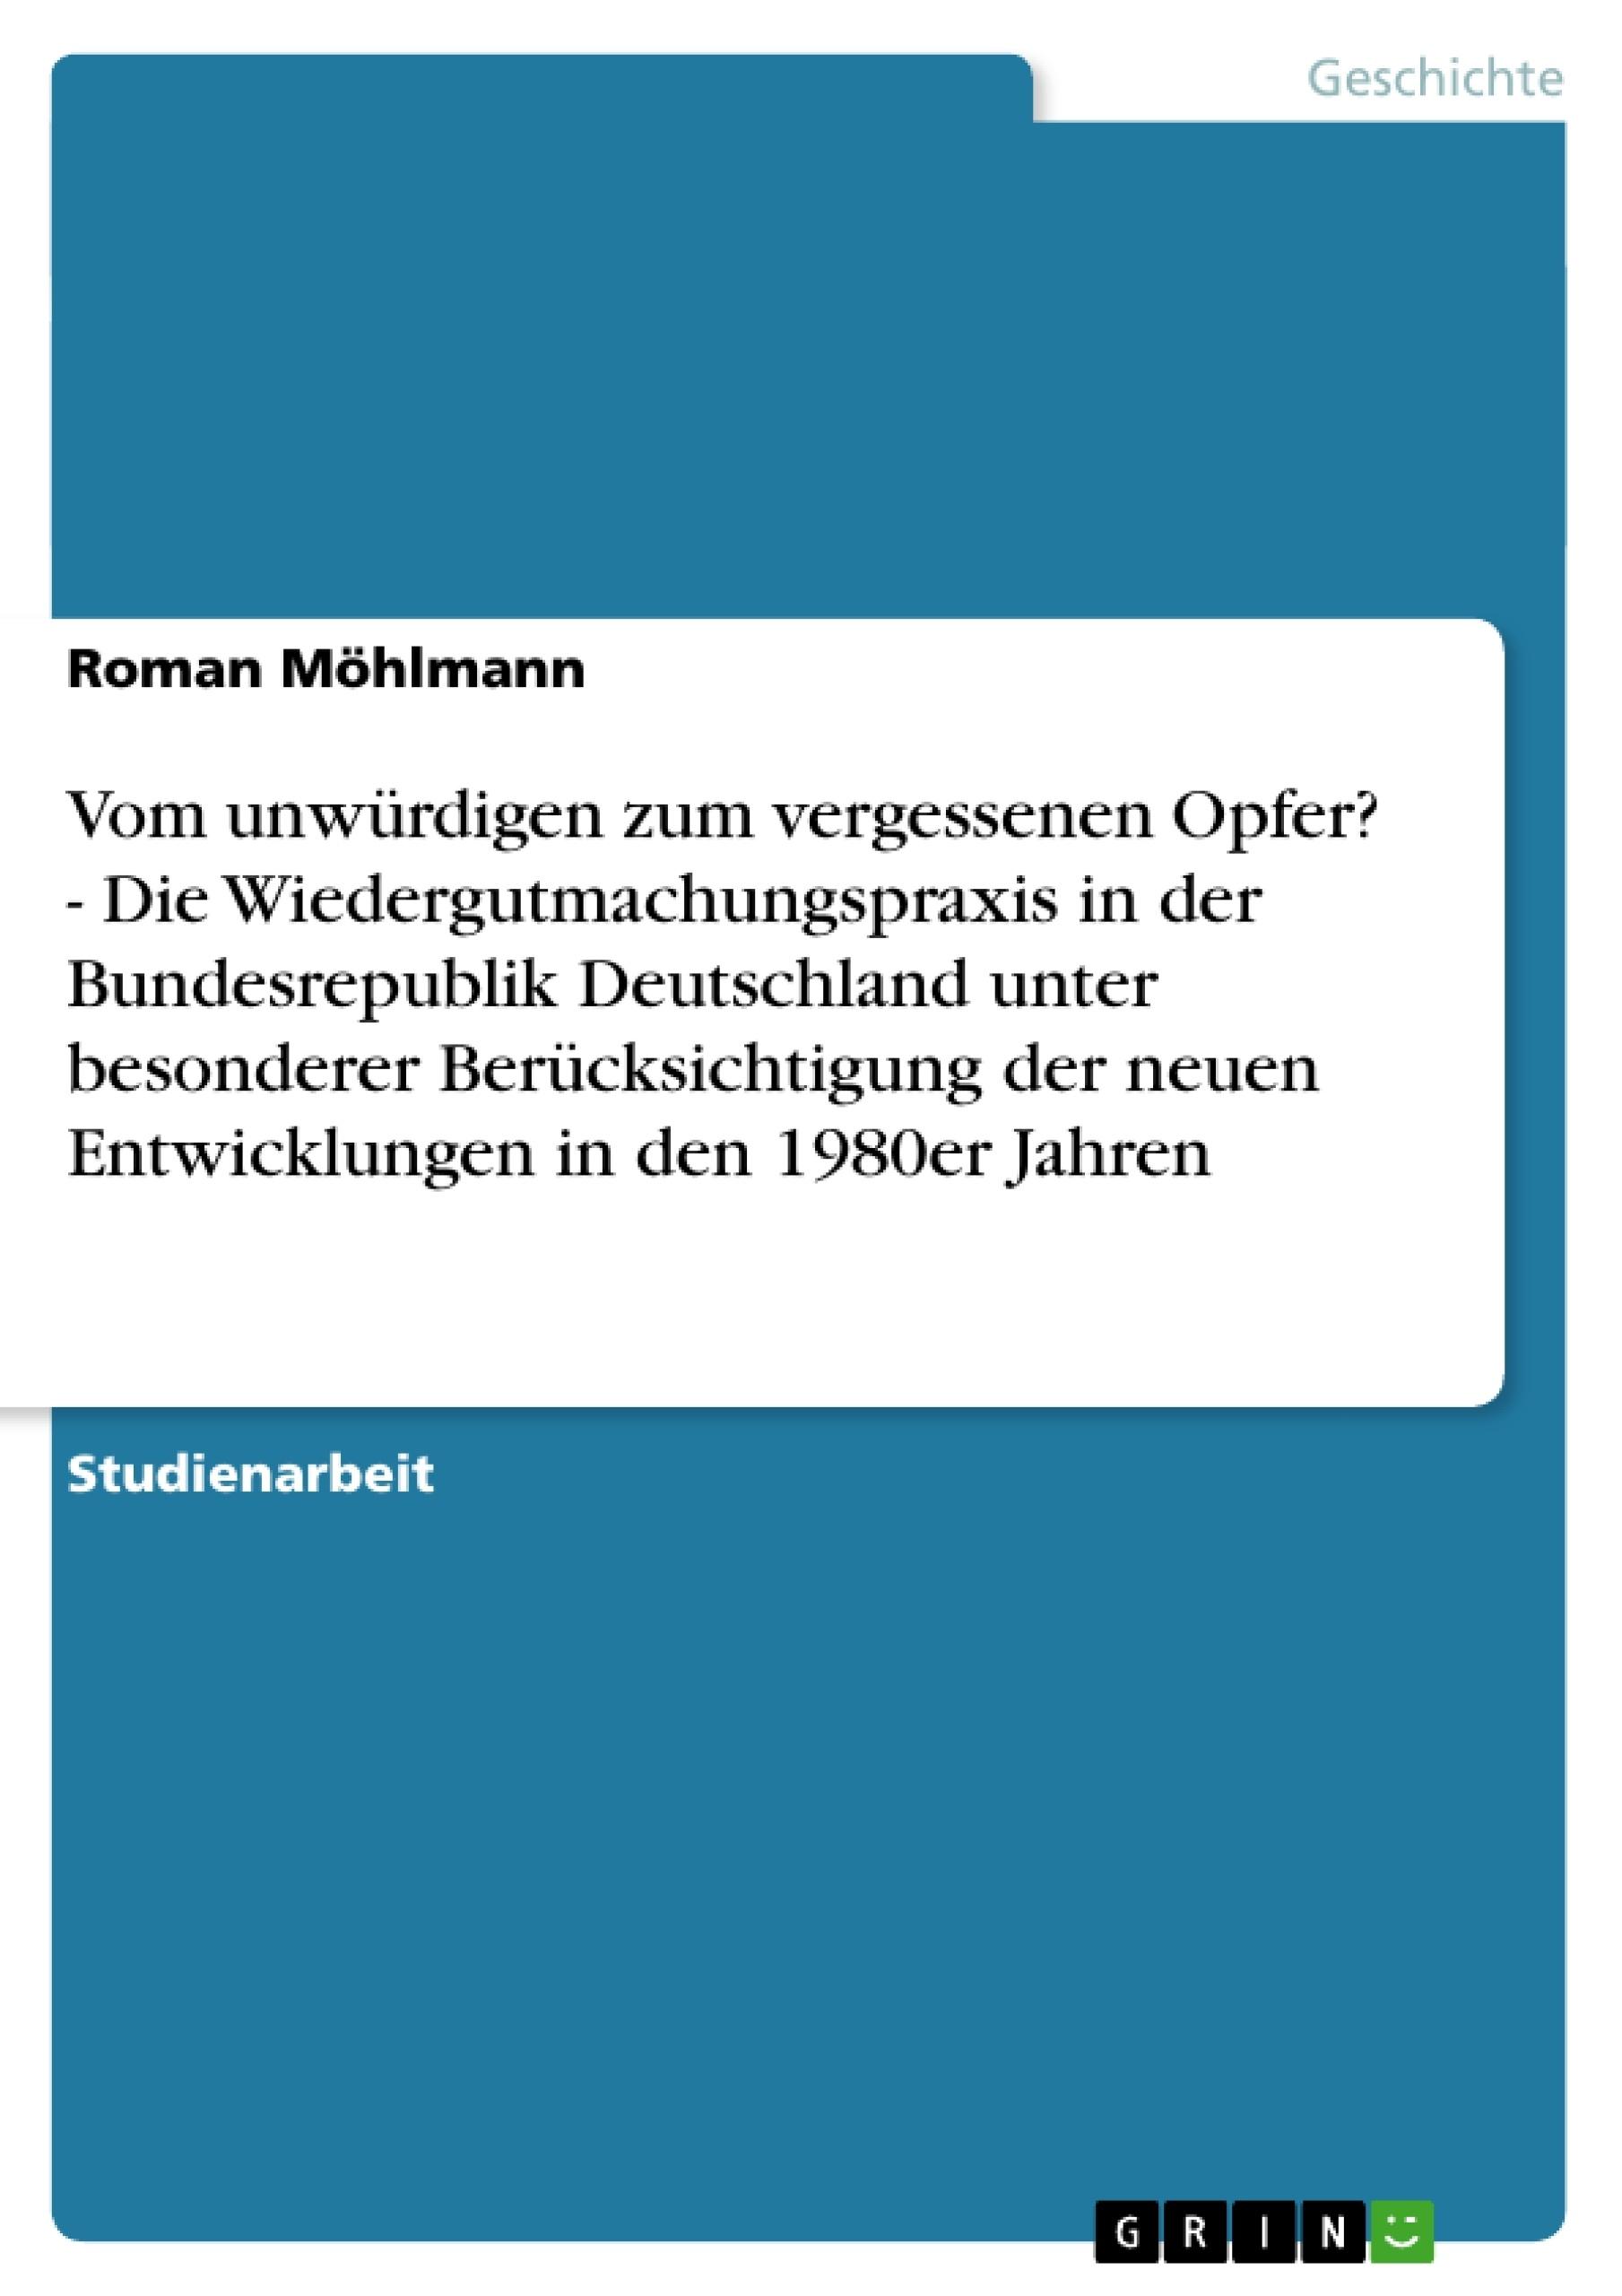 Titel: Vom unwürdigen zum vergessenen Opfer? - Die Wiedergutmachungspraxis in der Bundesrepublik Deutschland unter besonderer Berücksichtigung der neuen Entwicklungen in den 1980er Jahren